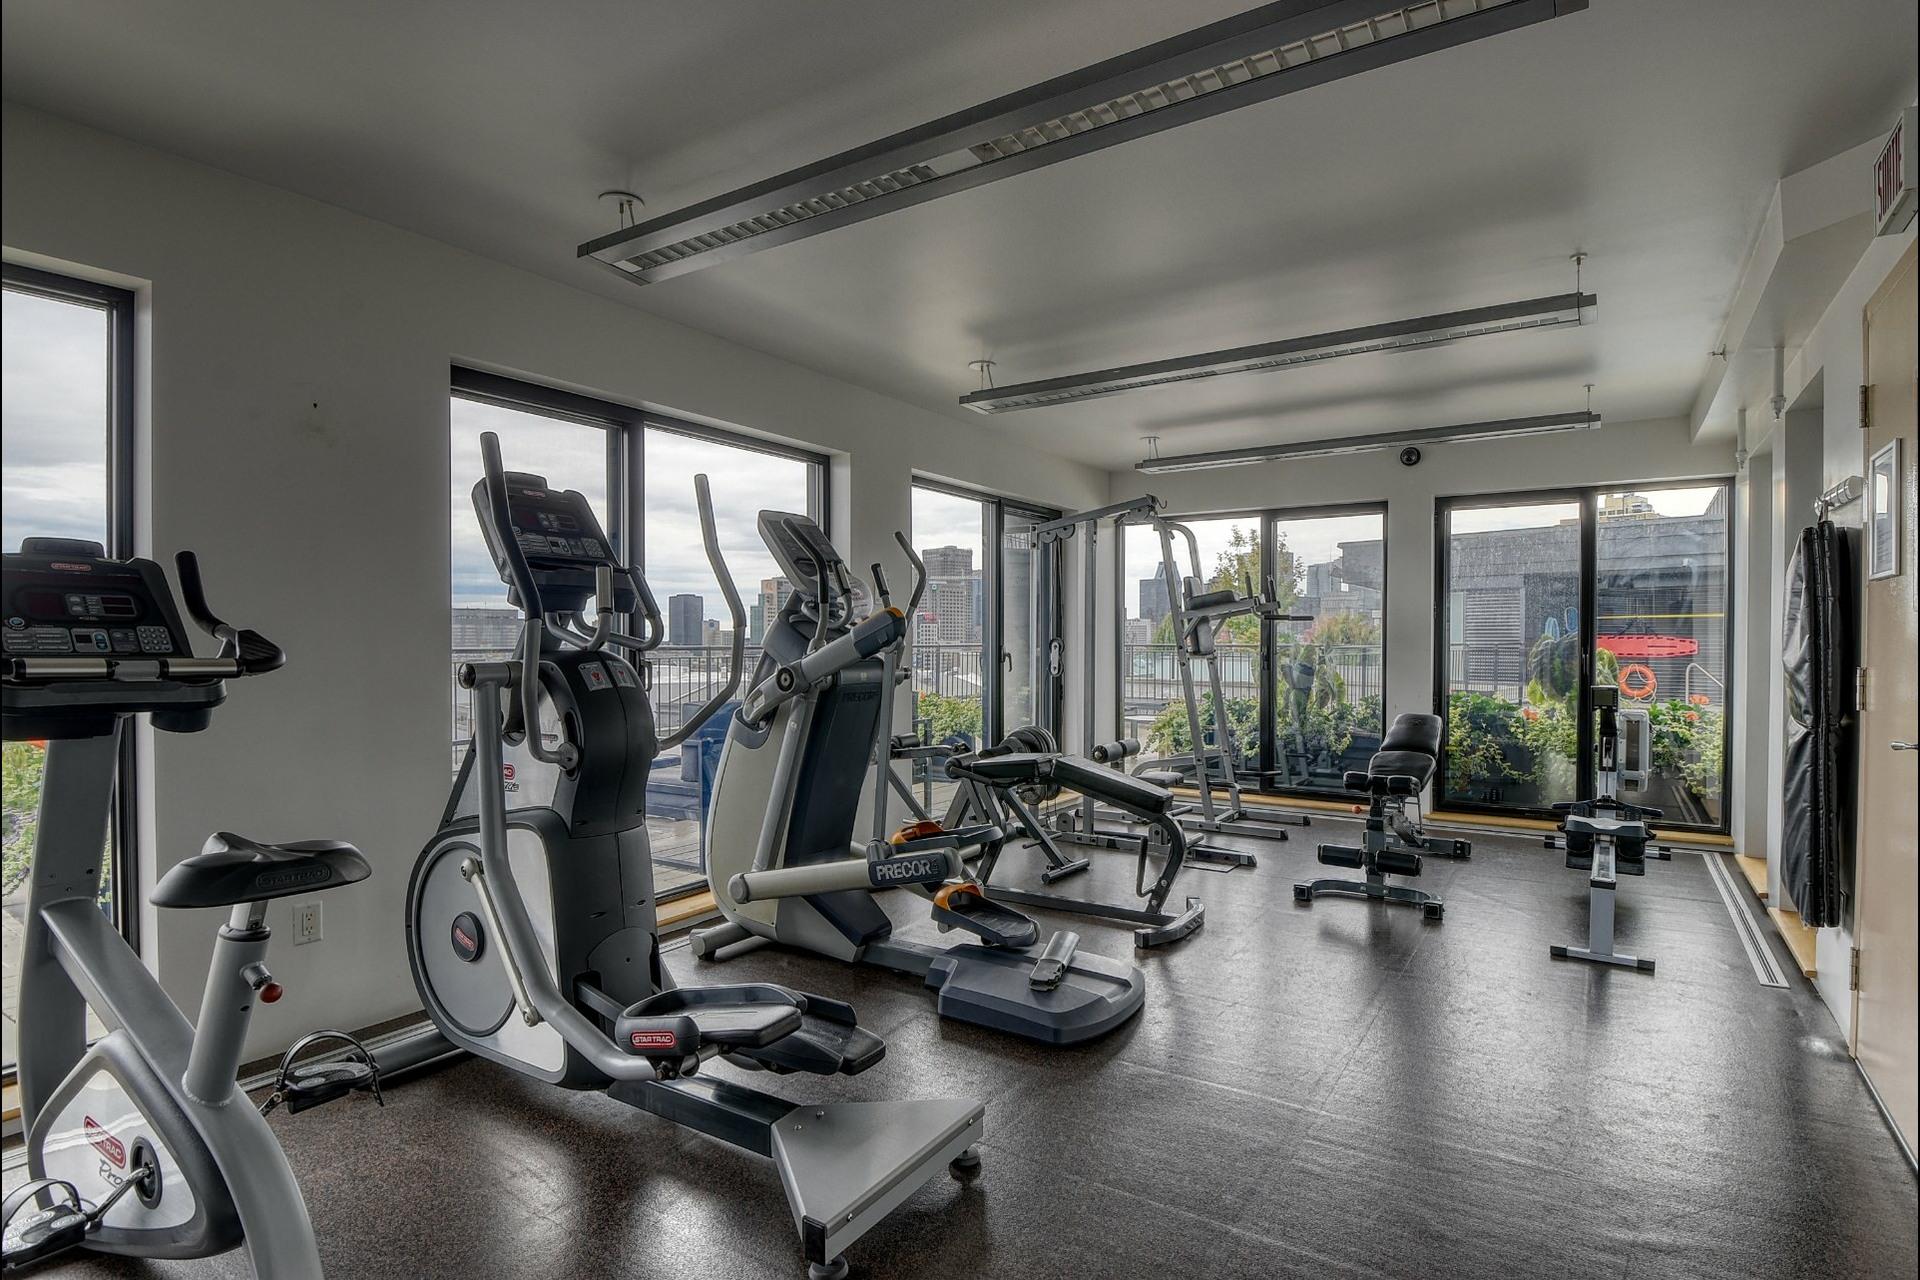 image 11 - Appartement À vendre Le Plateau-Mont-Royal Montréal  - 3 pièces